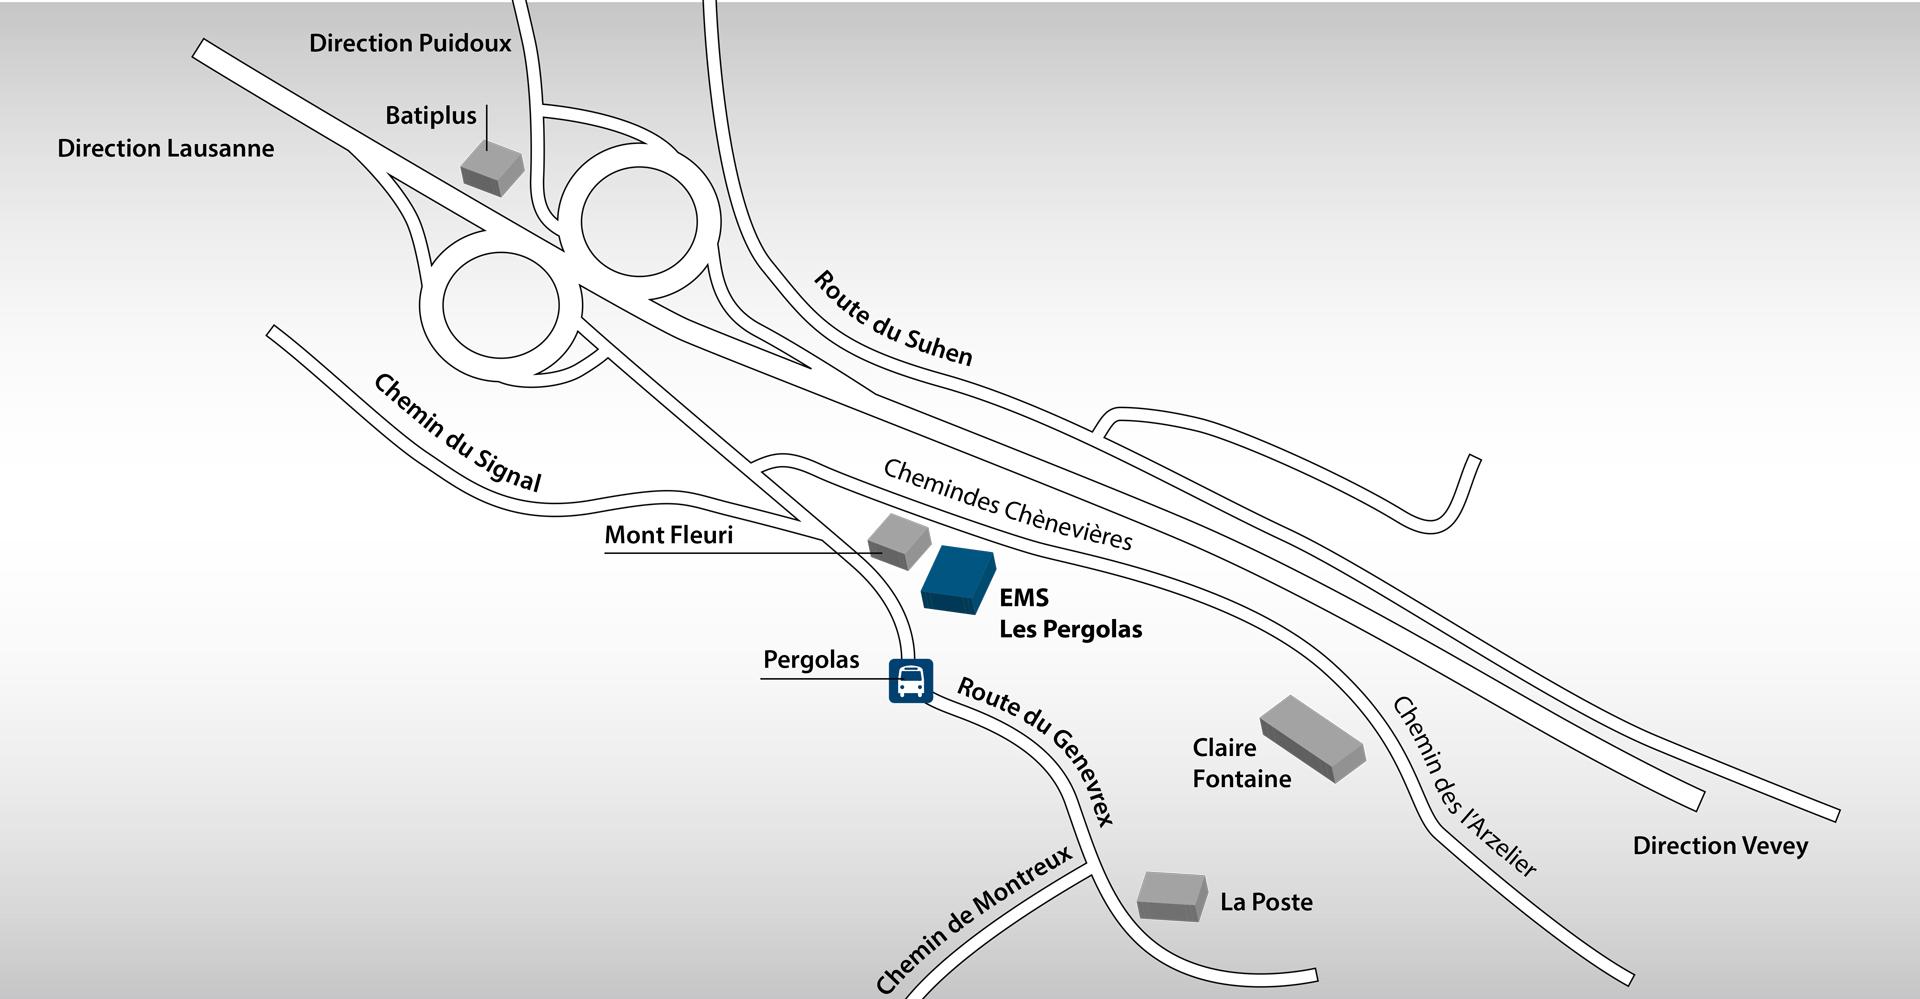 Toutes les heures de 6 à 22 heures, le Train des Vignes reliant Puidoux-Gare à Vevey s'arrête non loin de la résidence (10 minutes à pied). Le service info des CFF fournit toute précision utile. La résidence dispose de deux parkings.